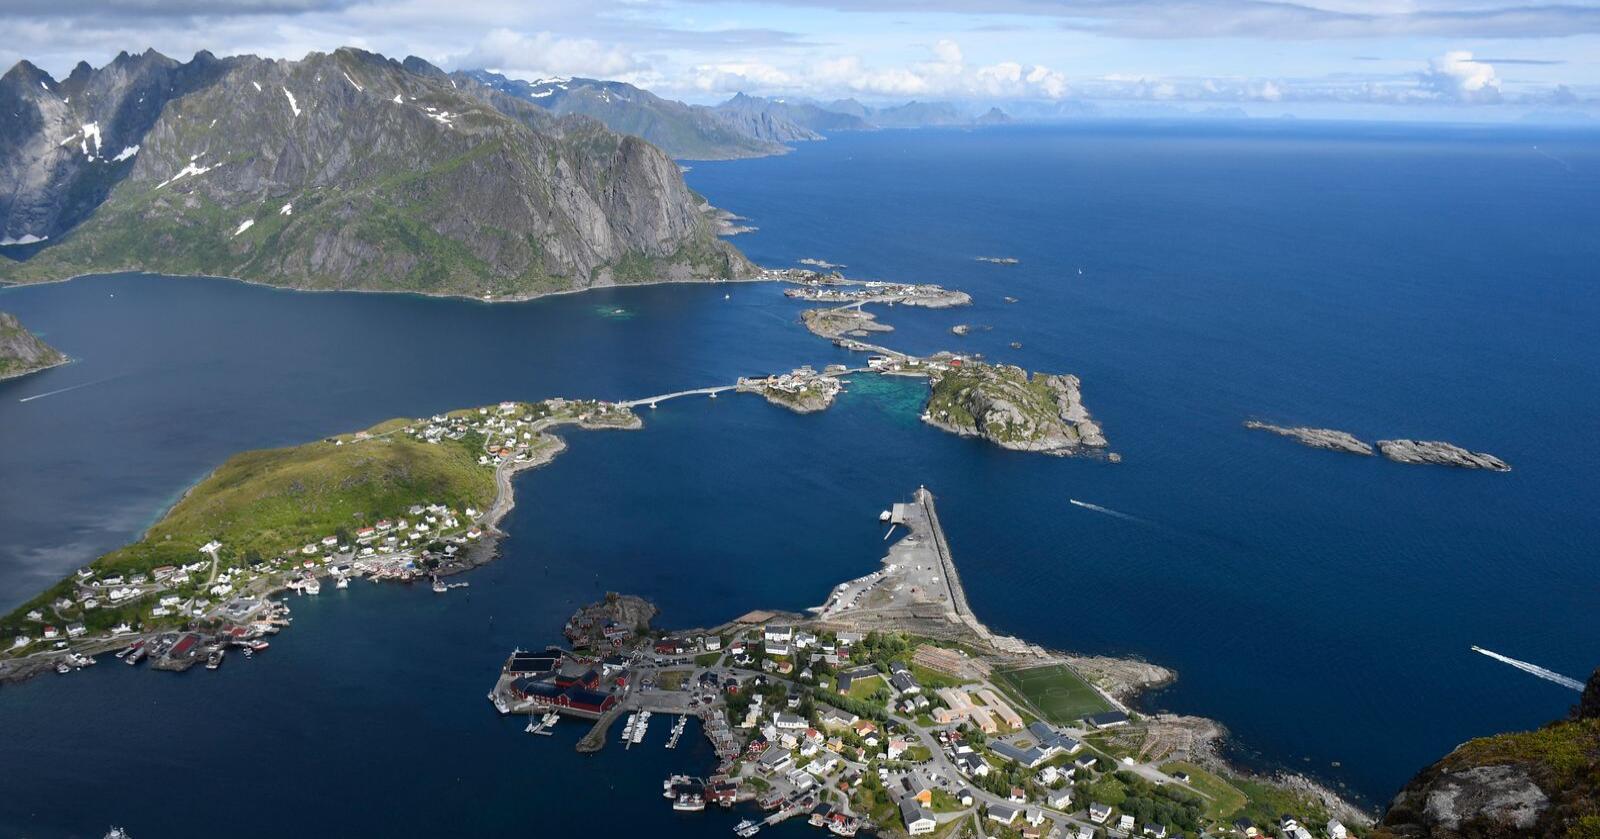 De fleste nordmenn oppgir at de ønsker å ta sommerferien i Norge neste år, viser undersøkelse. Her fra sherpatrappa til Reinebringen i Lofoten. Foto: Rune Stoltz Bertinussen / NTB